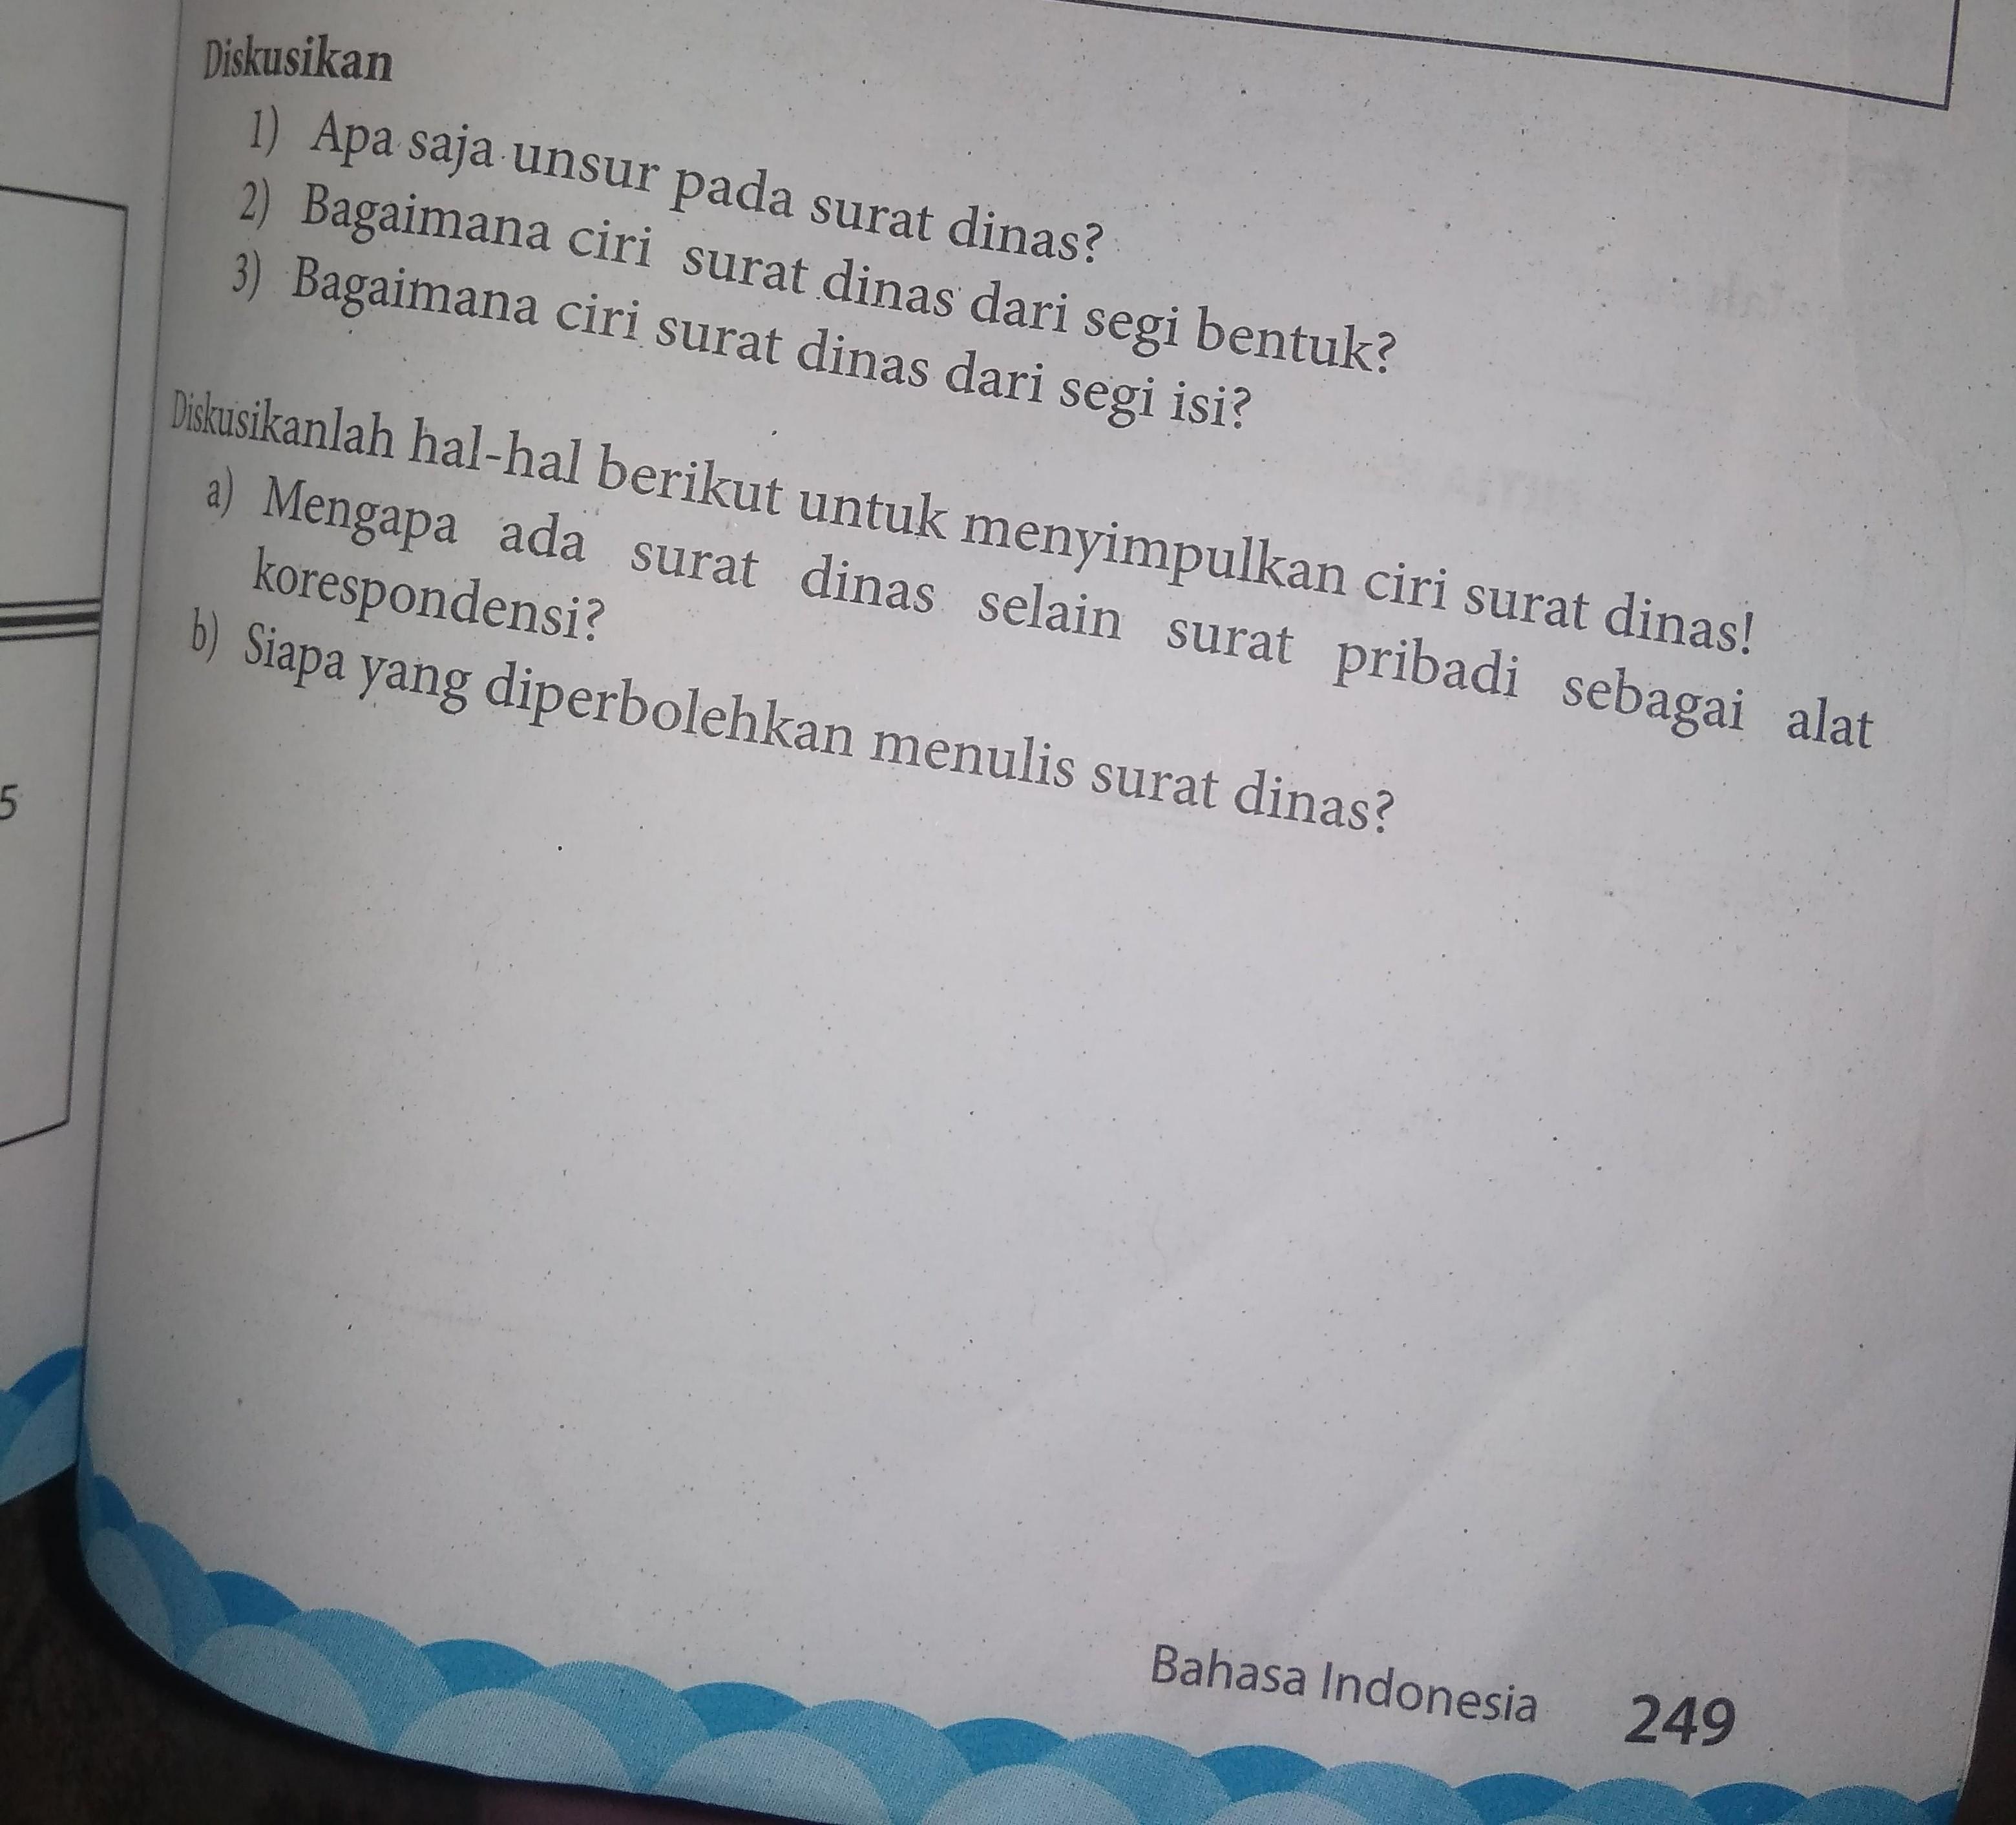 Ciri Surat Dinas Dari Segi Bentuk - Bali